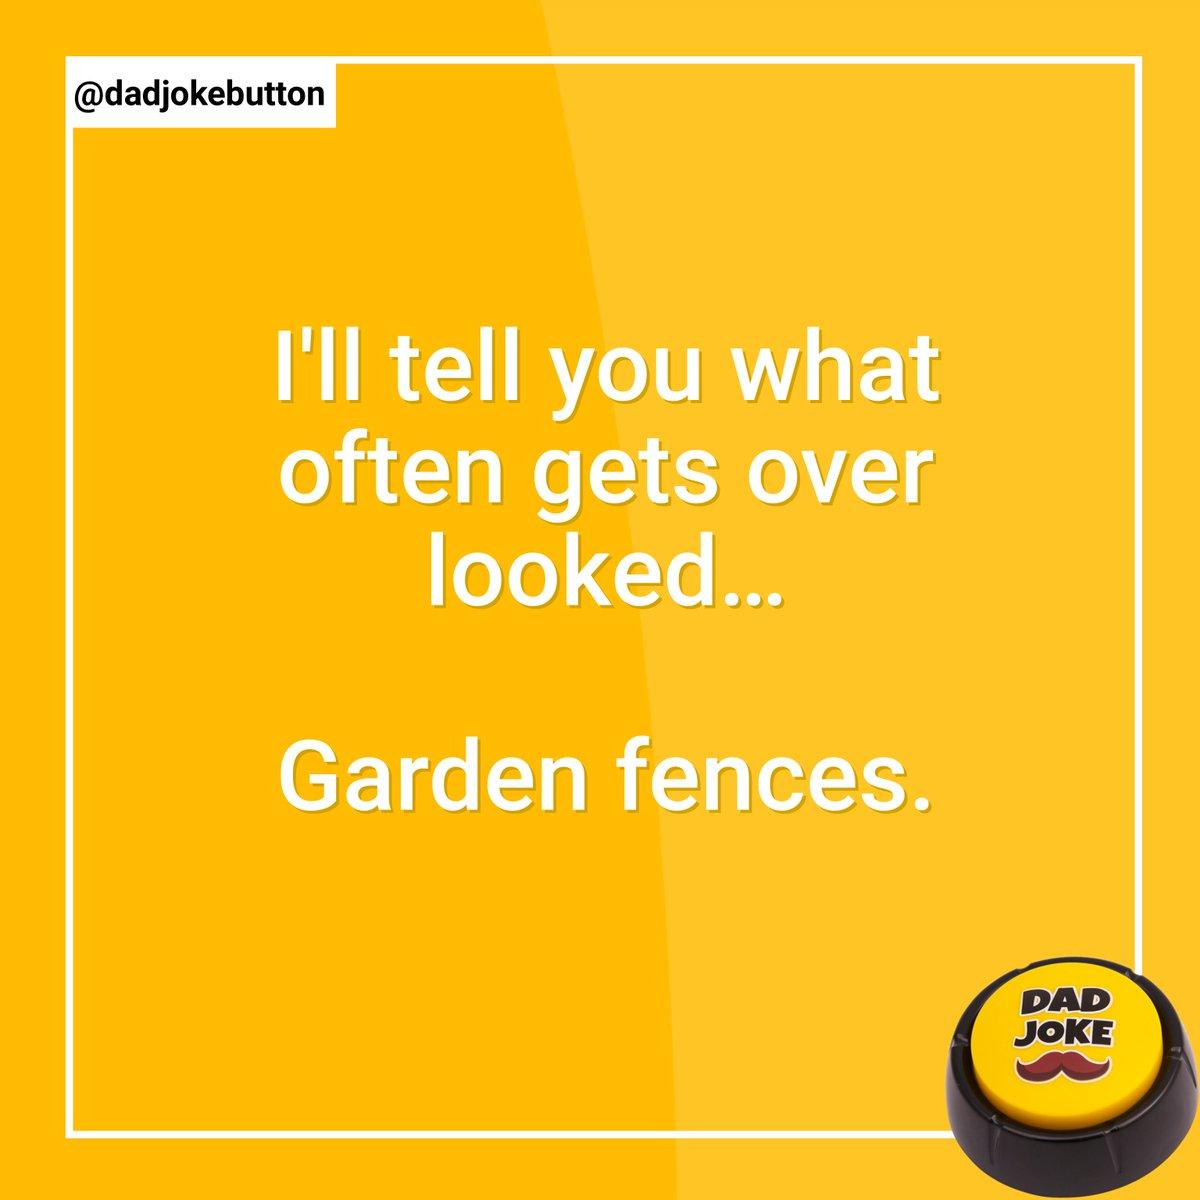 Follow @dadjokebutton  .  #dadjoke #dadjokes #jokes #joke #funny #comedy #puns #punsworld #punsfordays #jokesfordays #funnyjokes #jokesdaily #dailyjokes #humour #relatablejokes #laugh #joking #funnymemes #punny #pun #humor #talkingbuttonpic.twitter.com/P5dkUm7bdZ